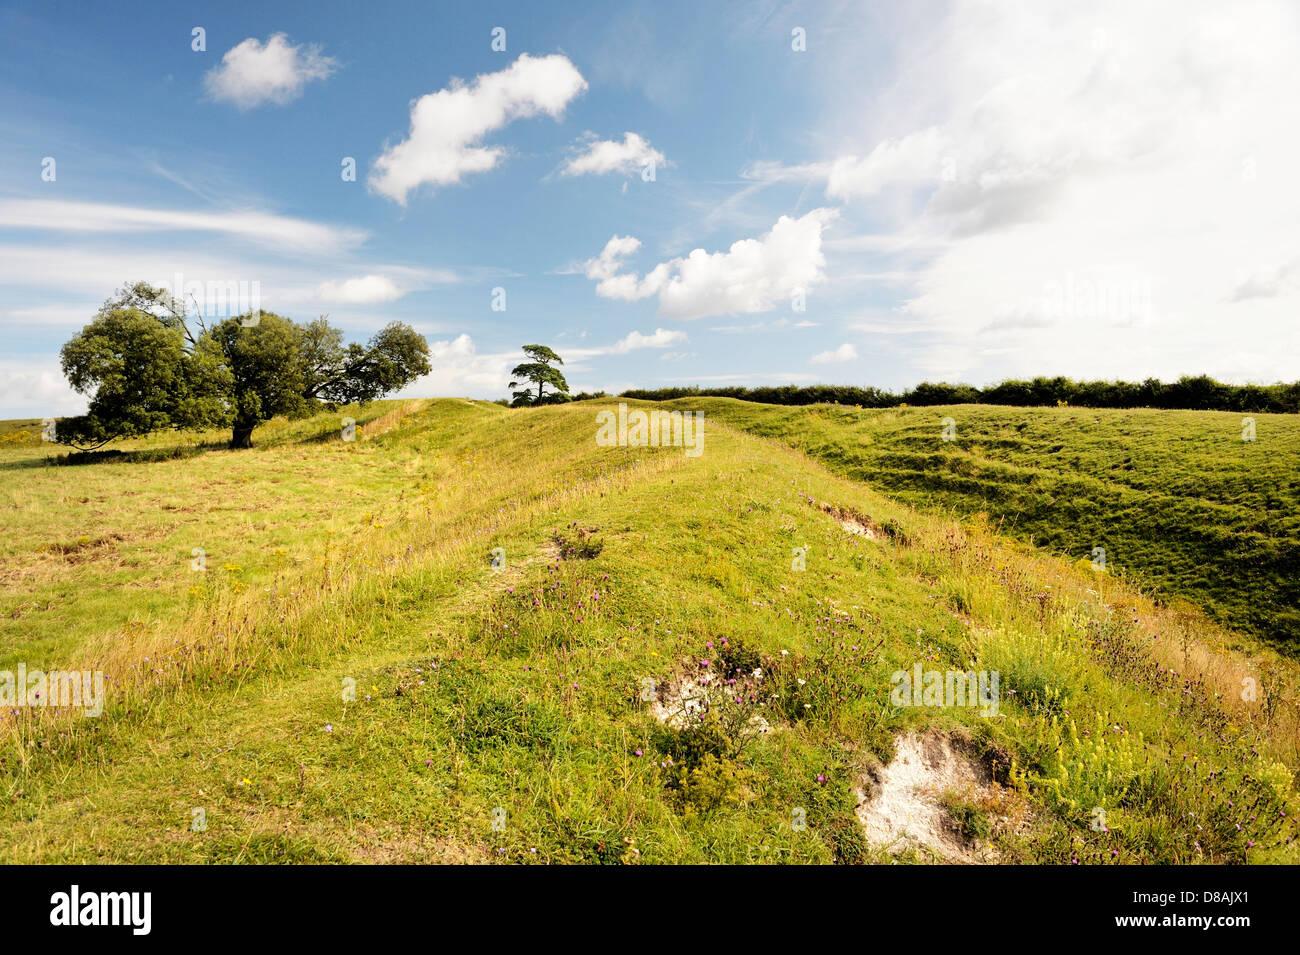 Camp Warham Âge de fer fort. L'article de la Banque mondiale et double défensive massive fossé. Photo Stock